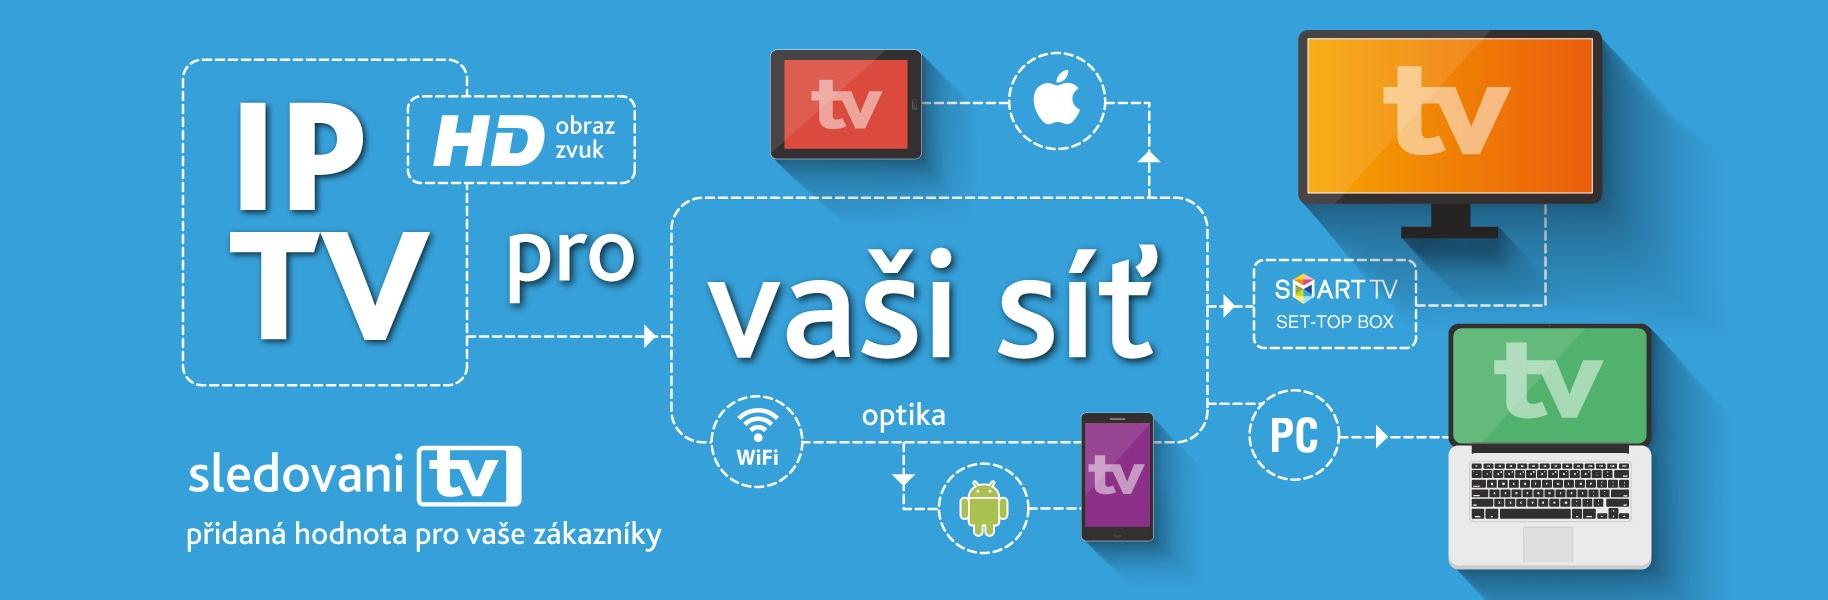 Vodafone nabízí mobilní televizi svým zákazníkům (IPTV)